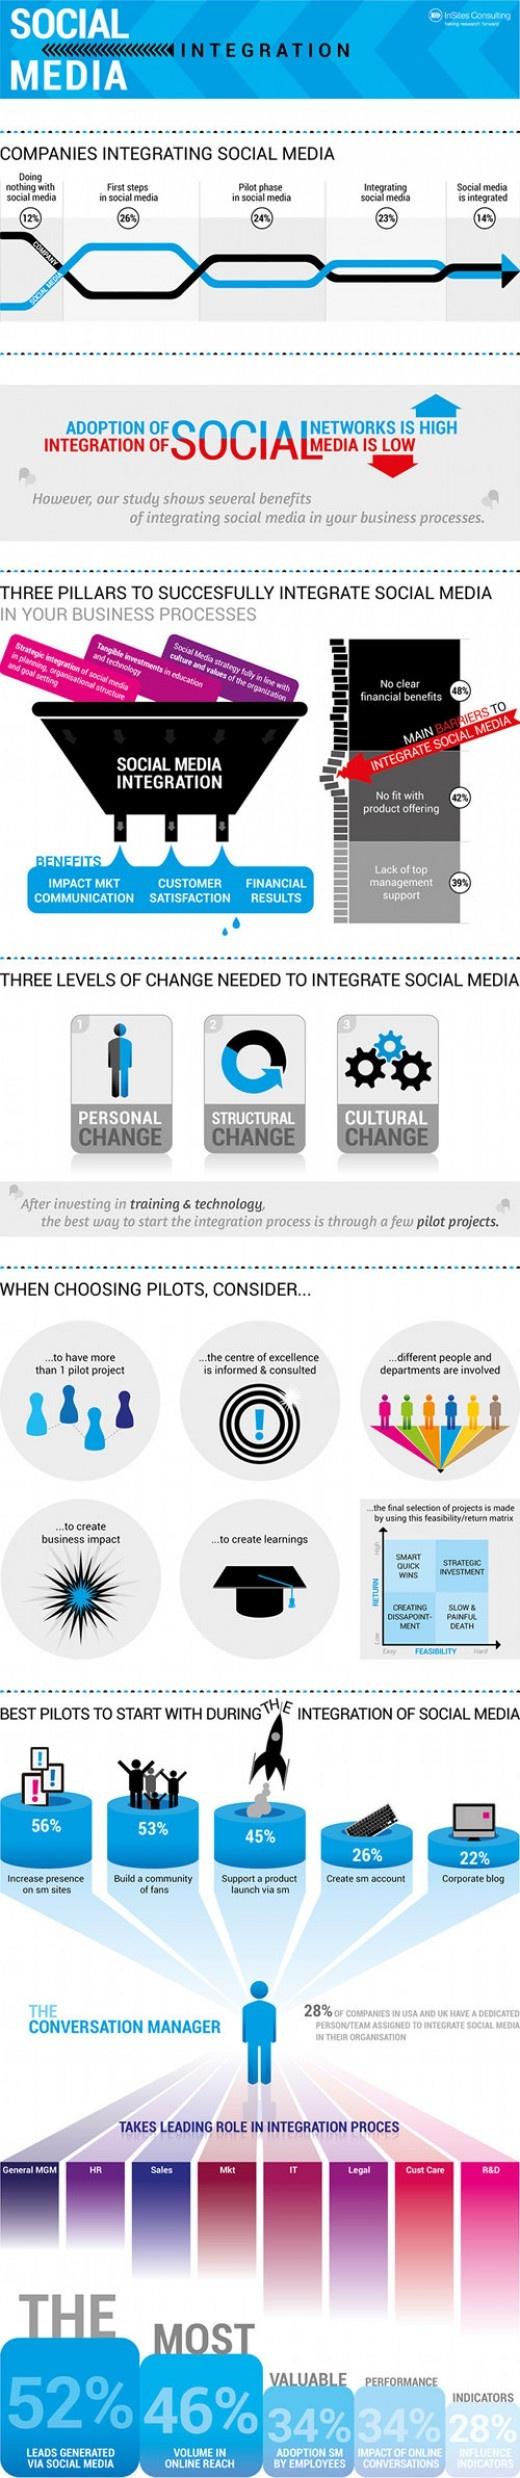 3 Ebenen der Veränderung bei der Einführung von SoMe:   Personal  - Struktur -Unternehmenskultur /